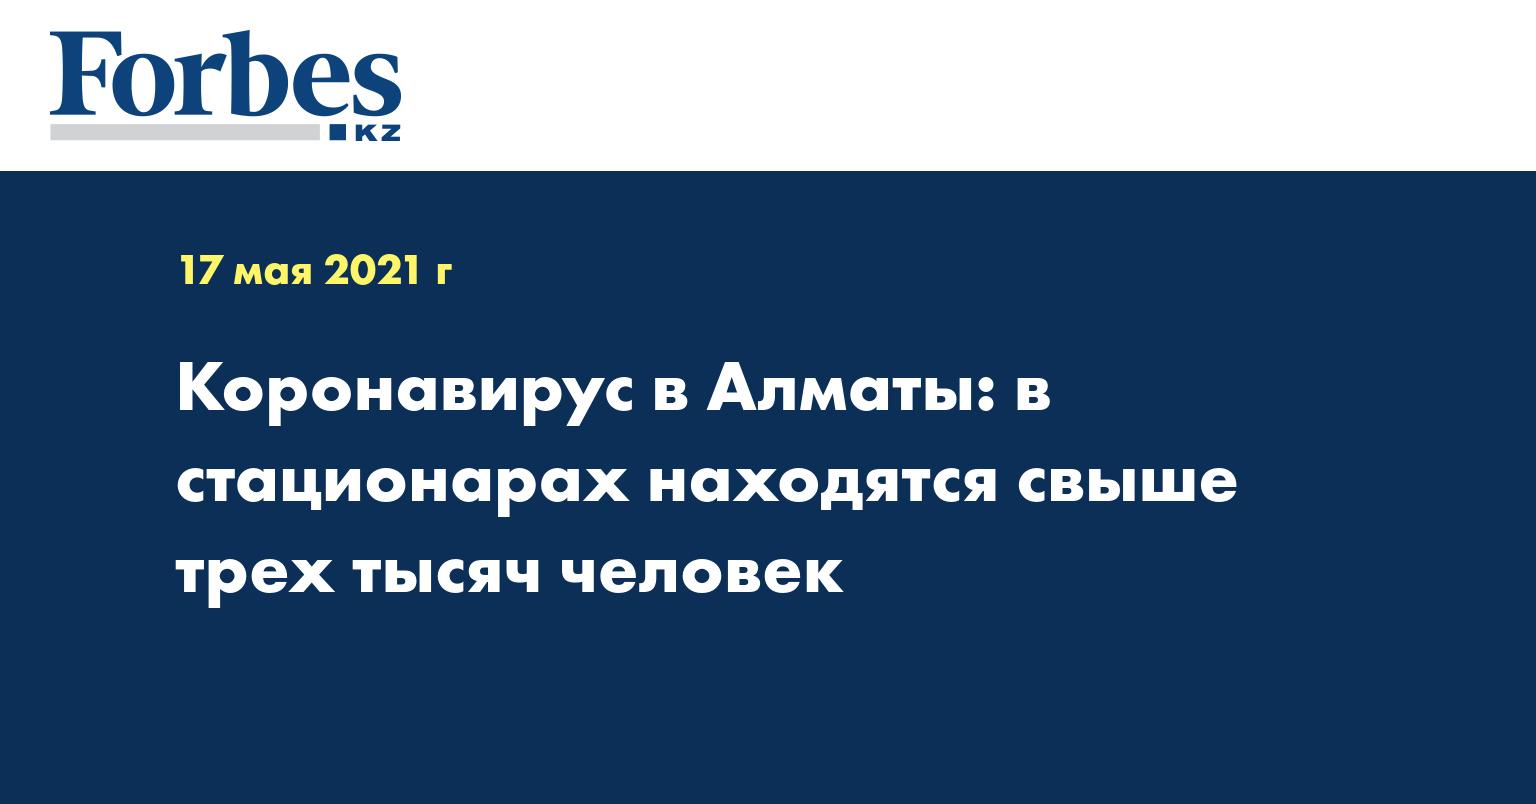 Коронавирус в Алматы: в стационарах находятся свыше трех тысяч человек